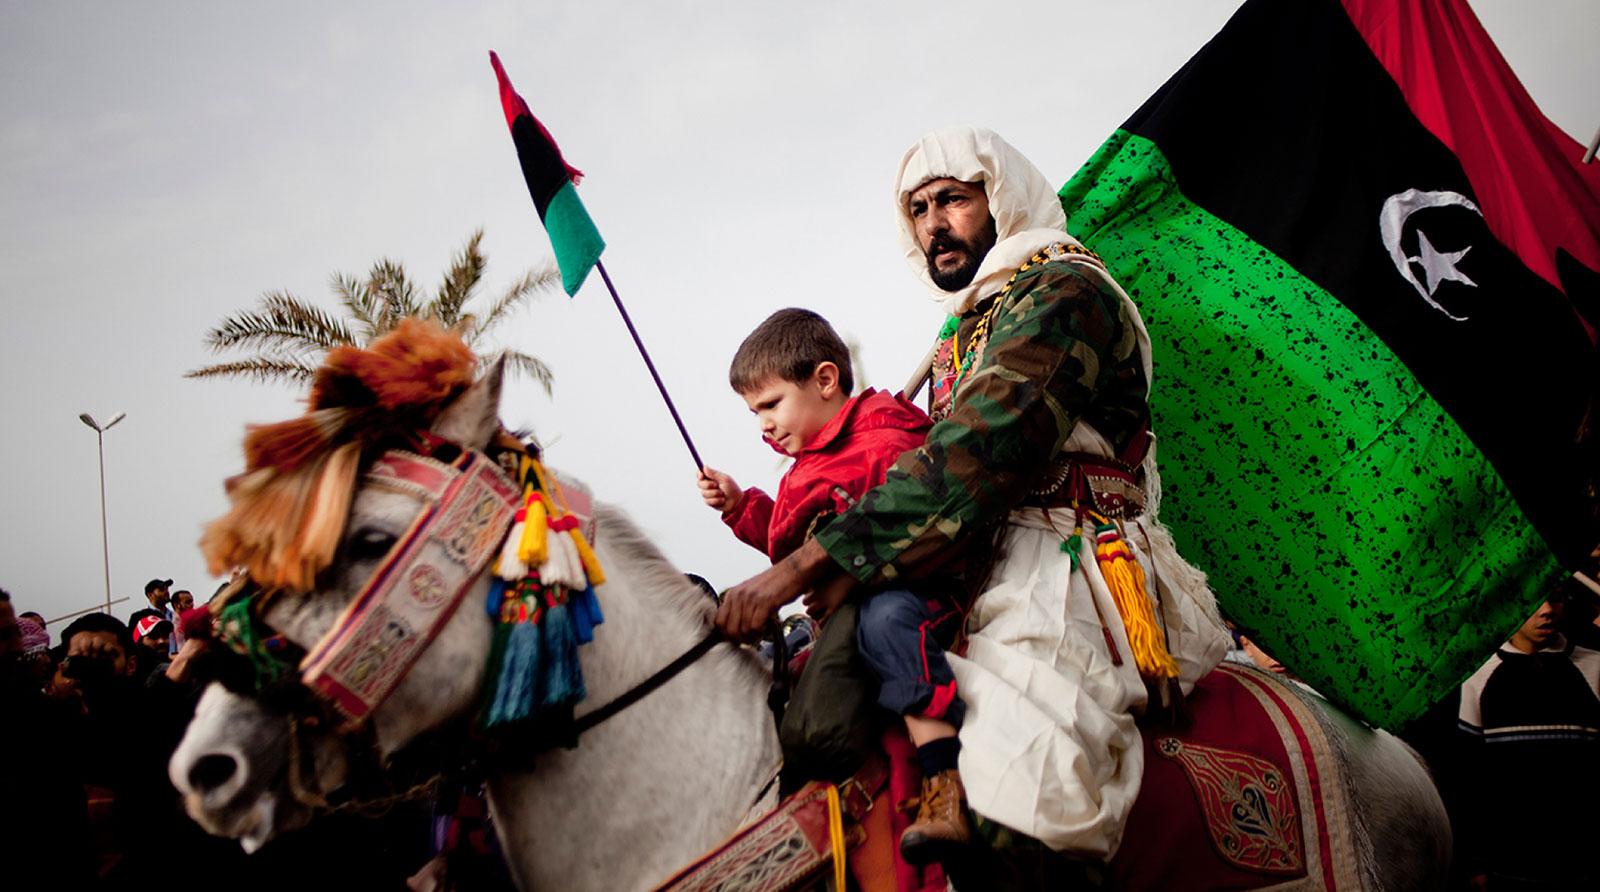 Marcia dell'Esercito dei volontari per liberazione a Bengasi